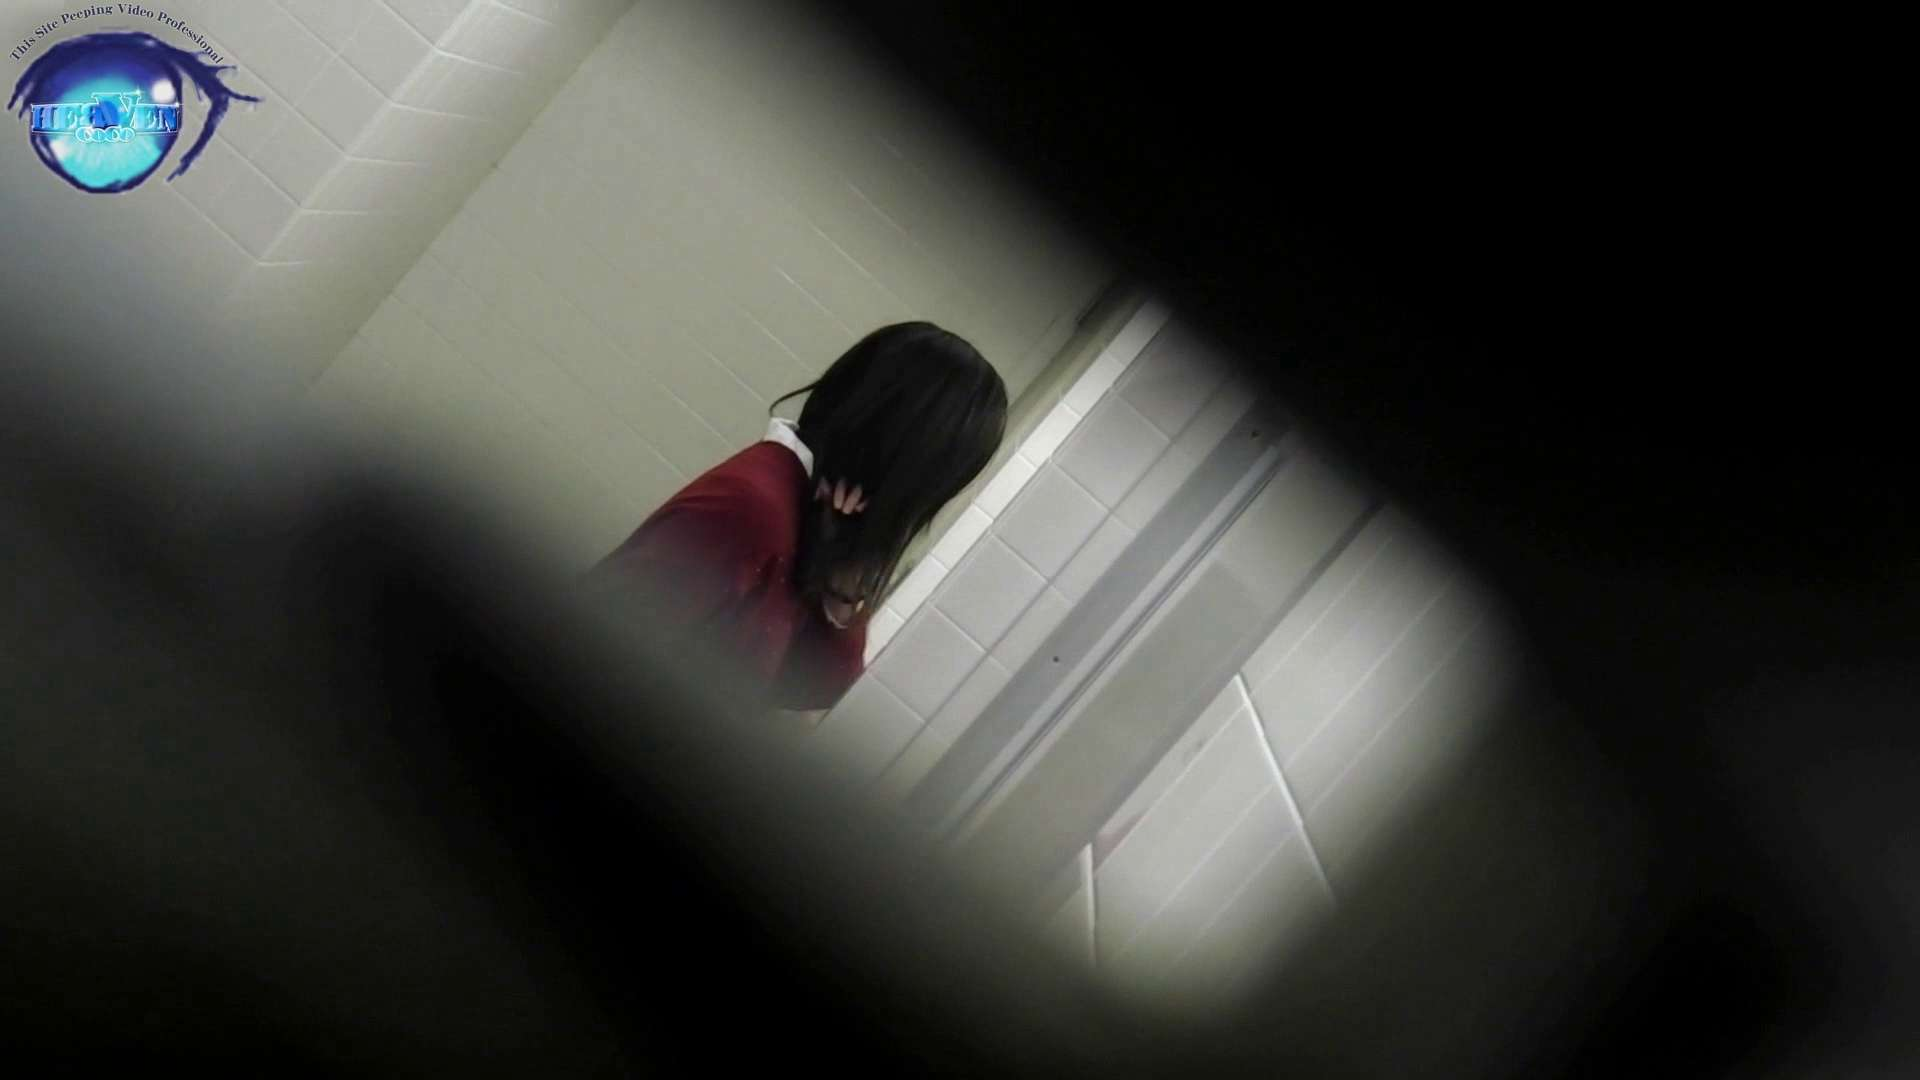 お銀さん vol.59 ピンチ!!「鏡の前で祈る女性」にばれる危機 後編 0  77連発 70